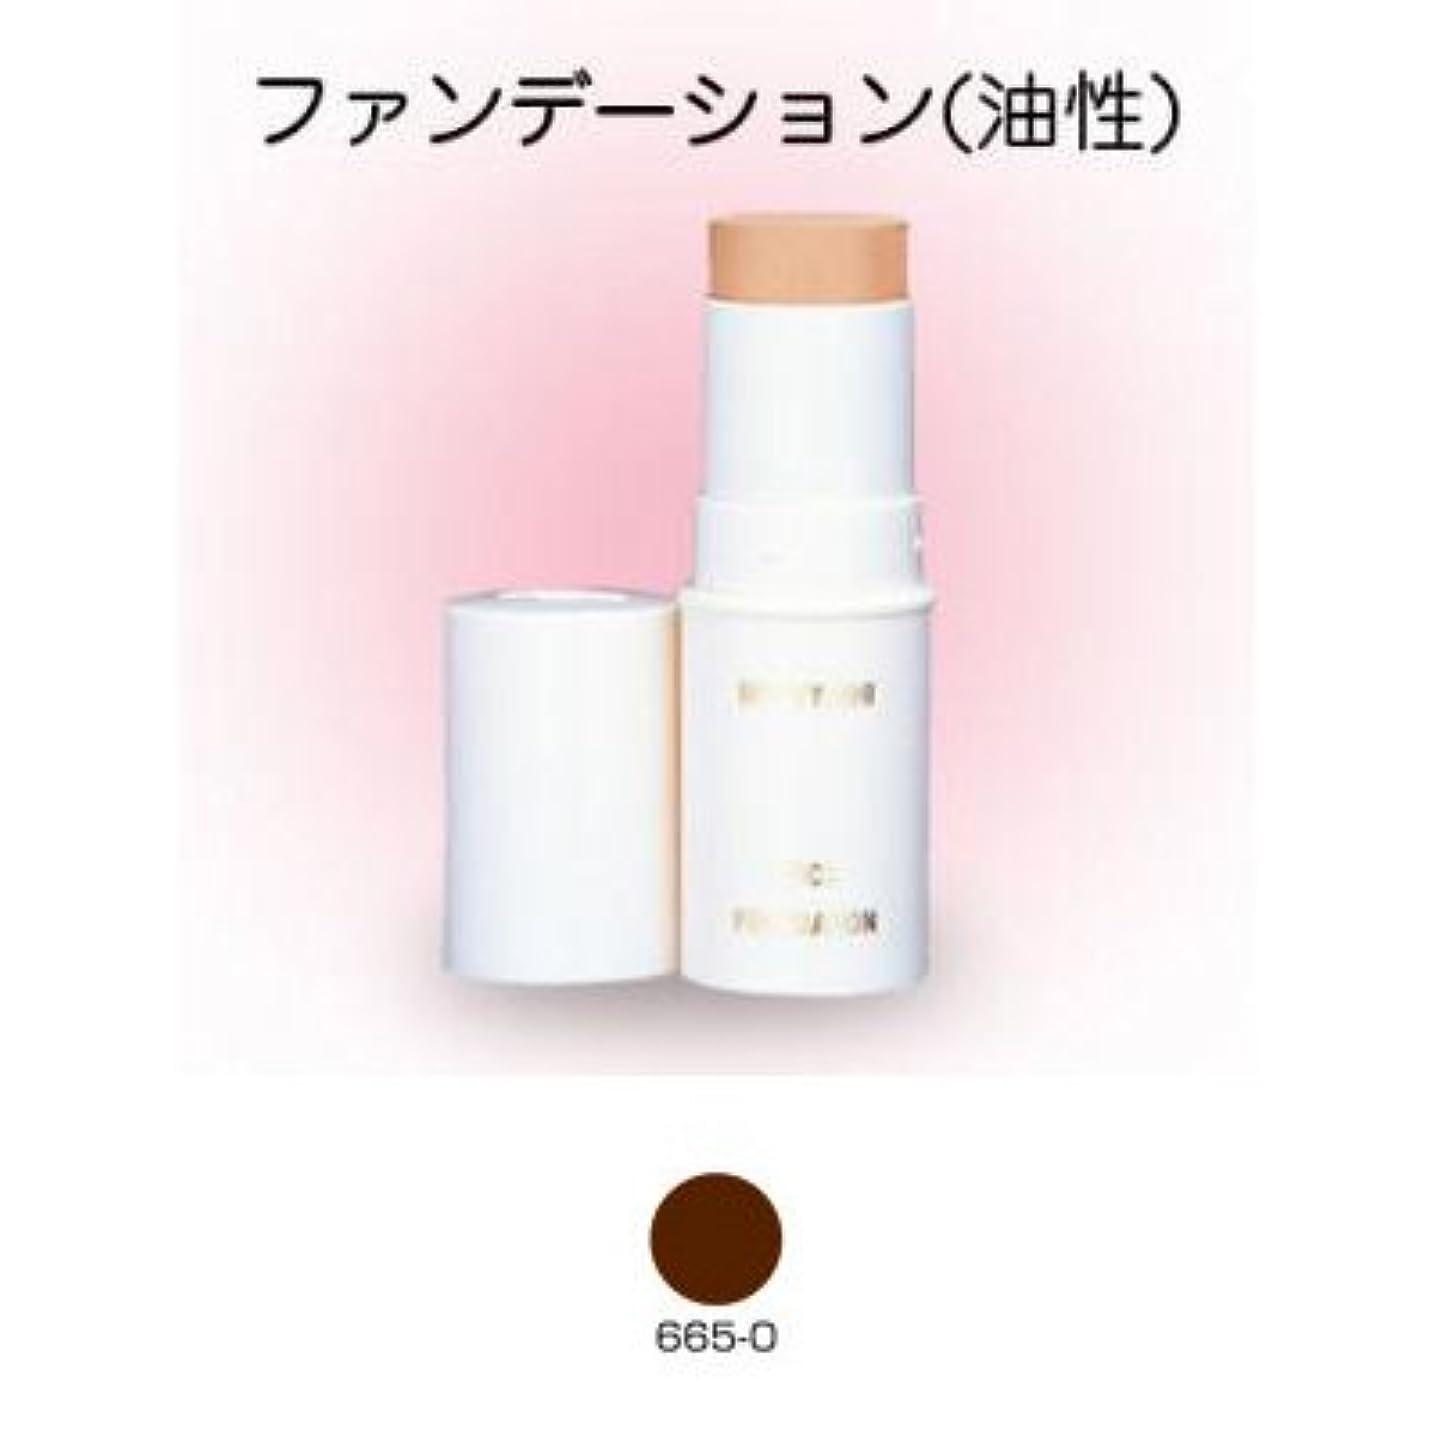 マガジン中央値限りスティックファンデーション 16g 665-O 【三善】